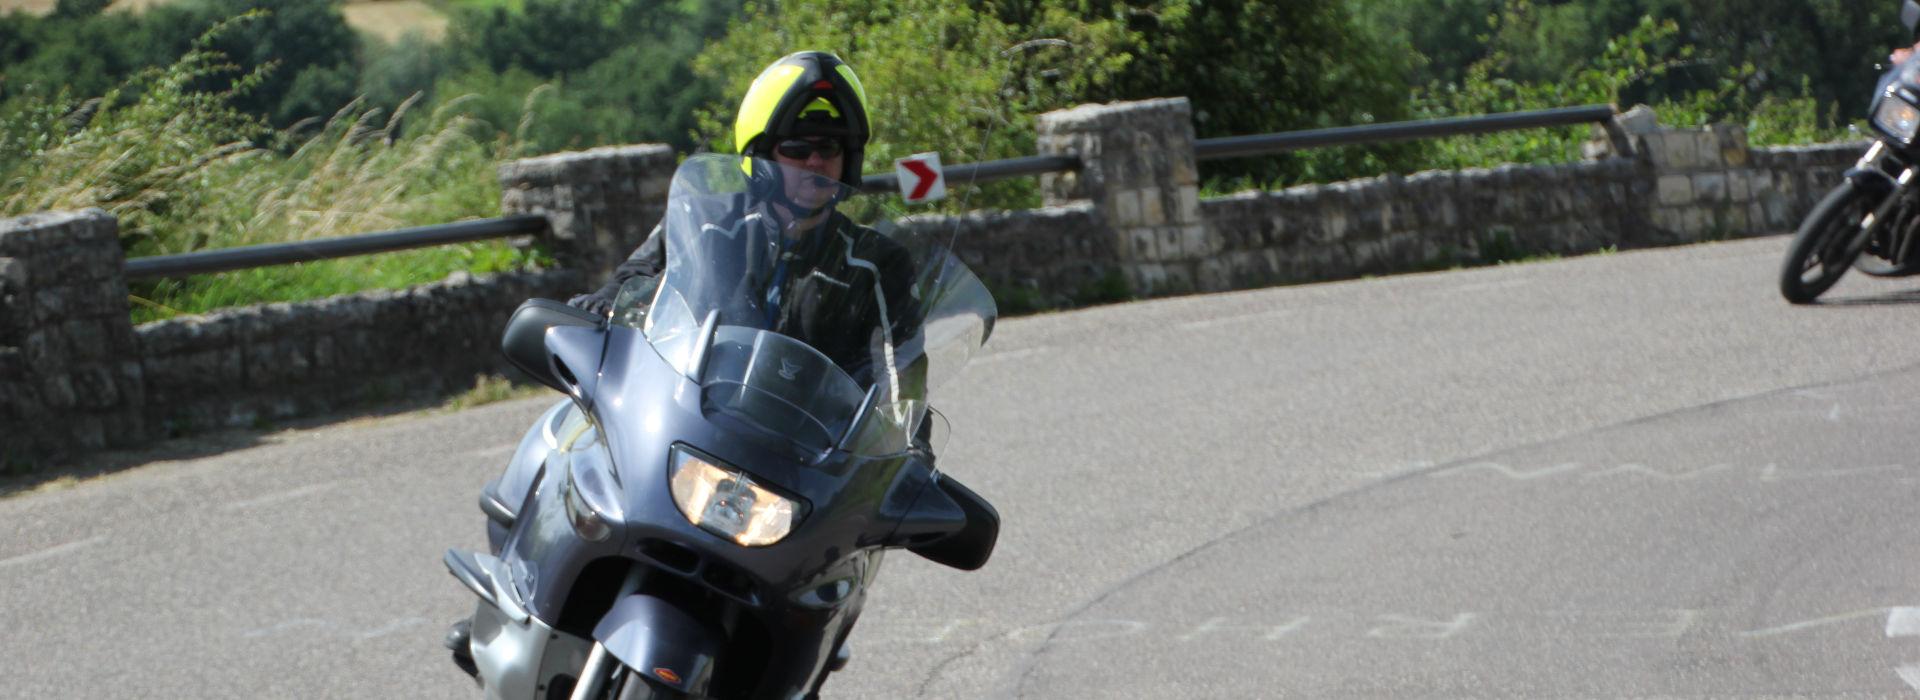 Motorrijbewijspoint Oudheusden spoed motorrijbewijs